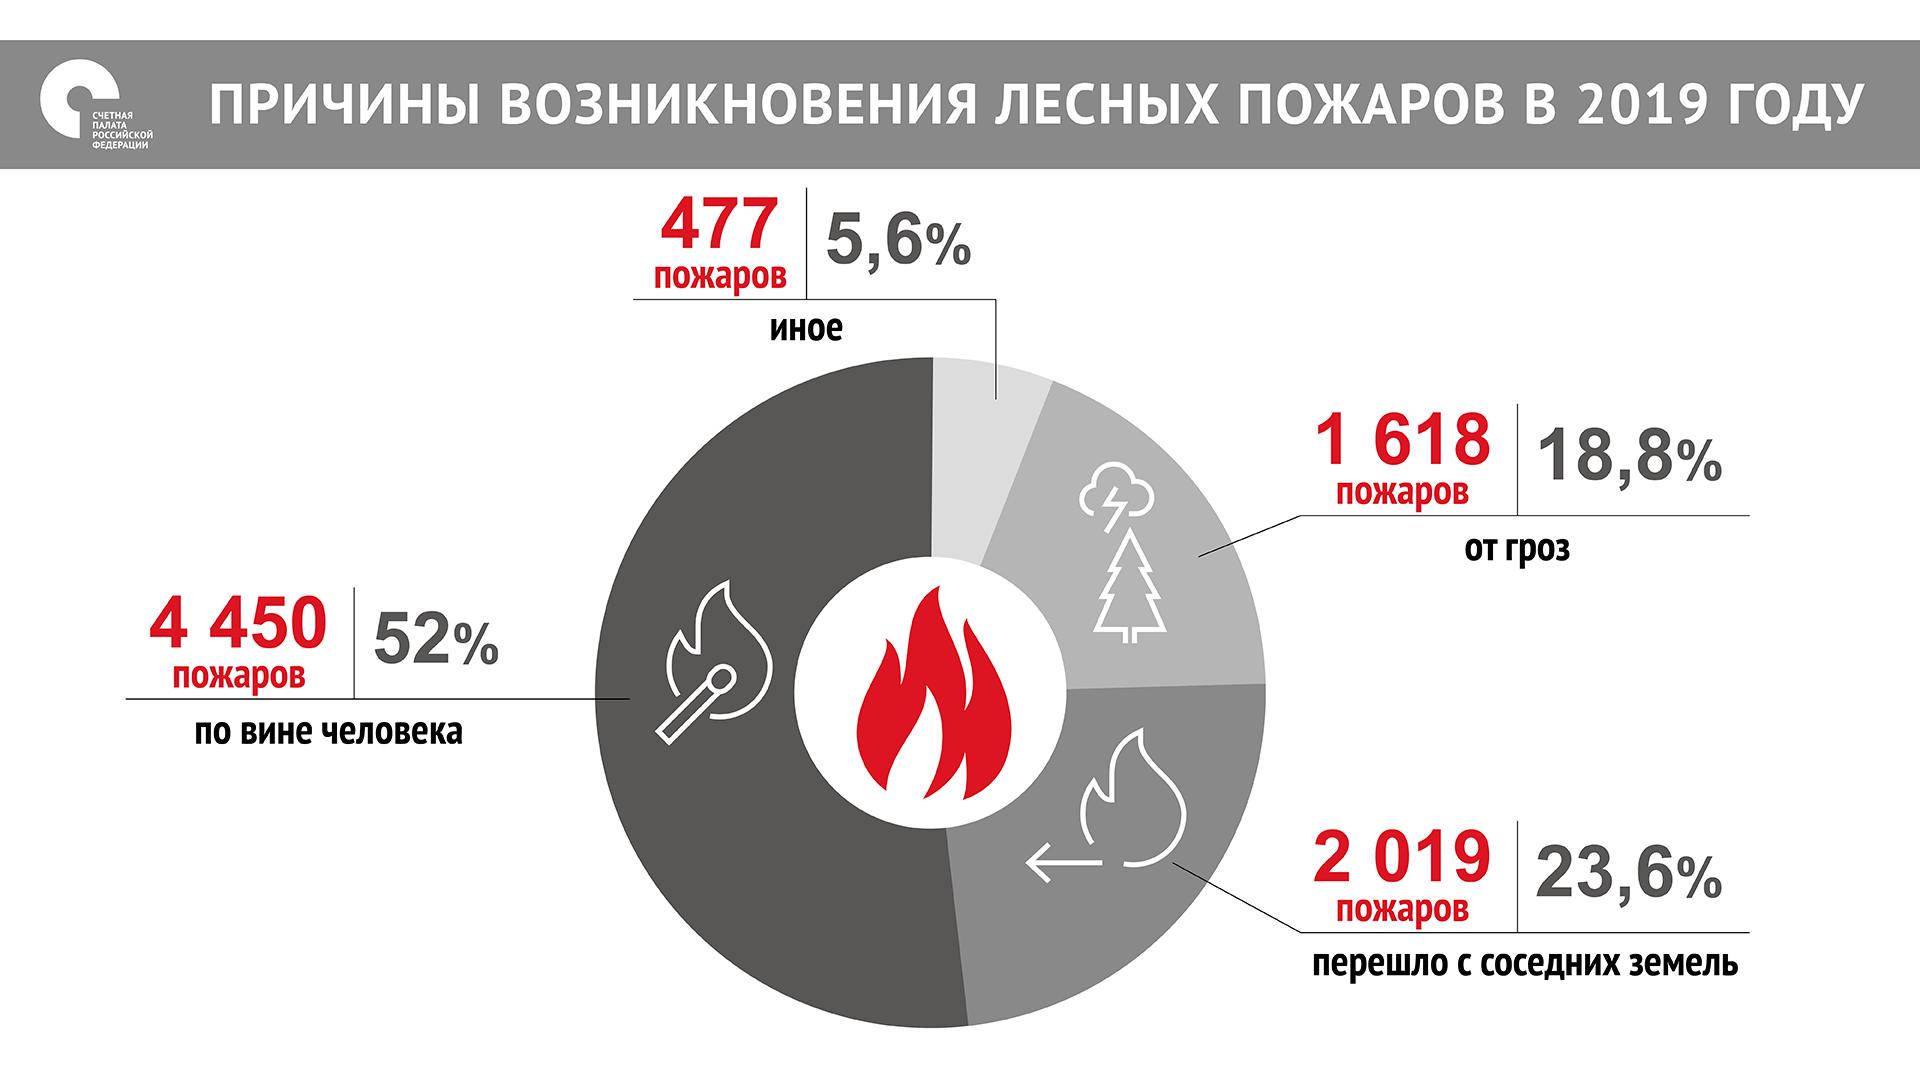 Инфографика счетной палаты Российской Федерации